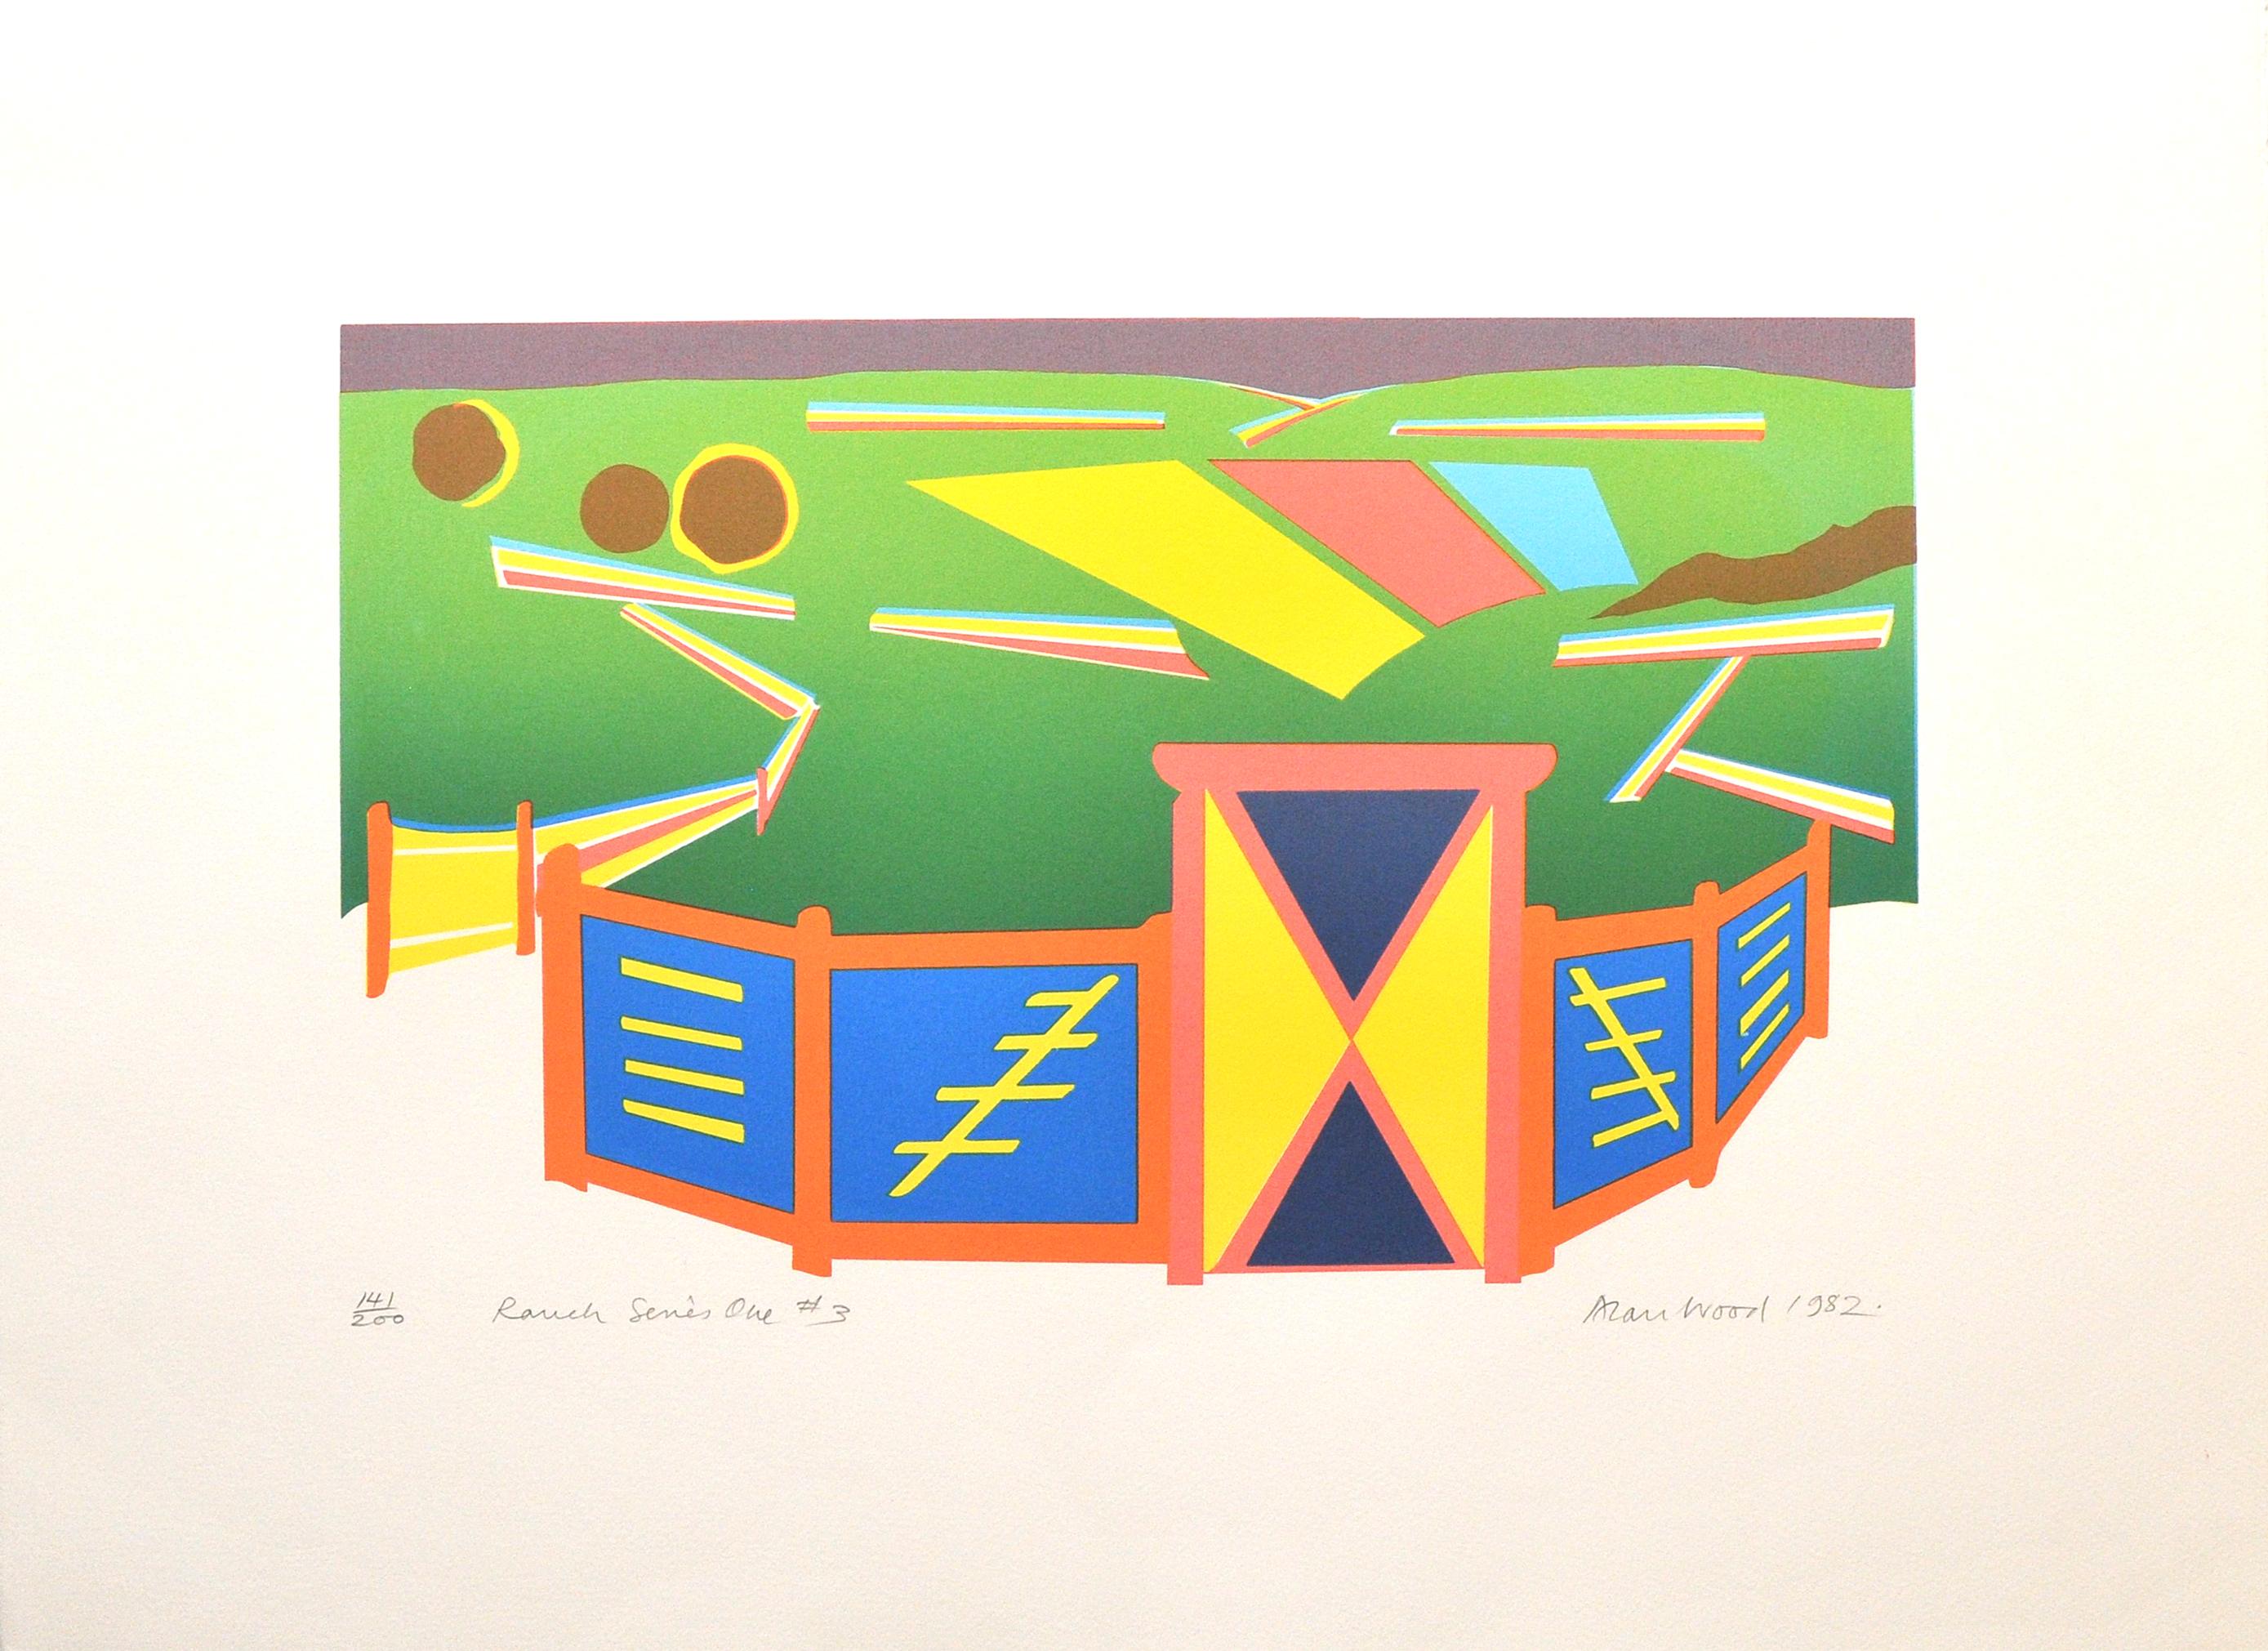 Alan_Woods_1982_Prints_#41_RanchSeriesOne#3